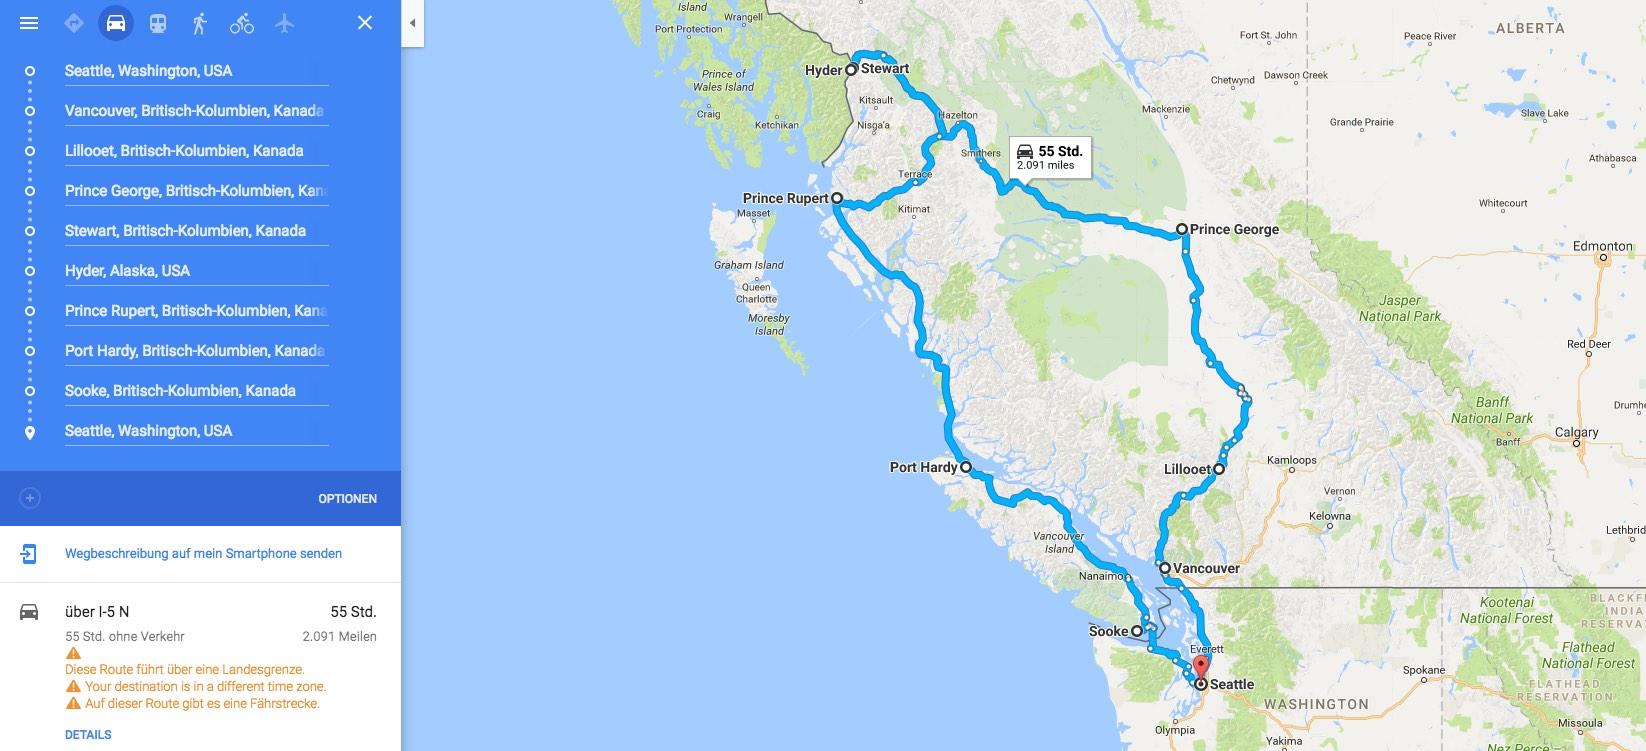 Roadtrip USA und Kanada - 5 Wochen mit dem Auto und zwei Kindern ...